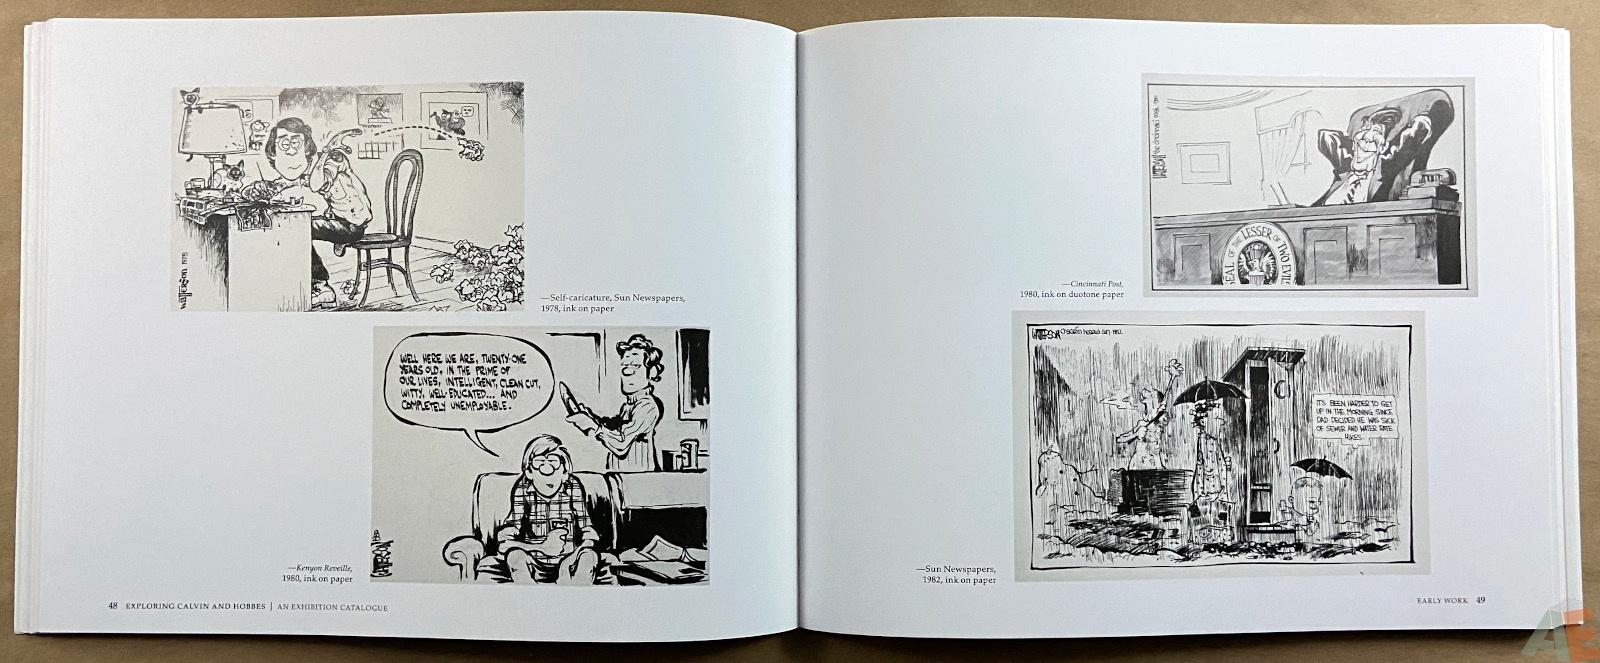 Exploring Calvin and Hobbes An Exhibition Catalogue interior 1